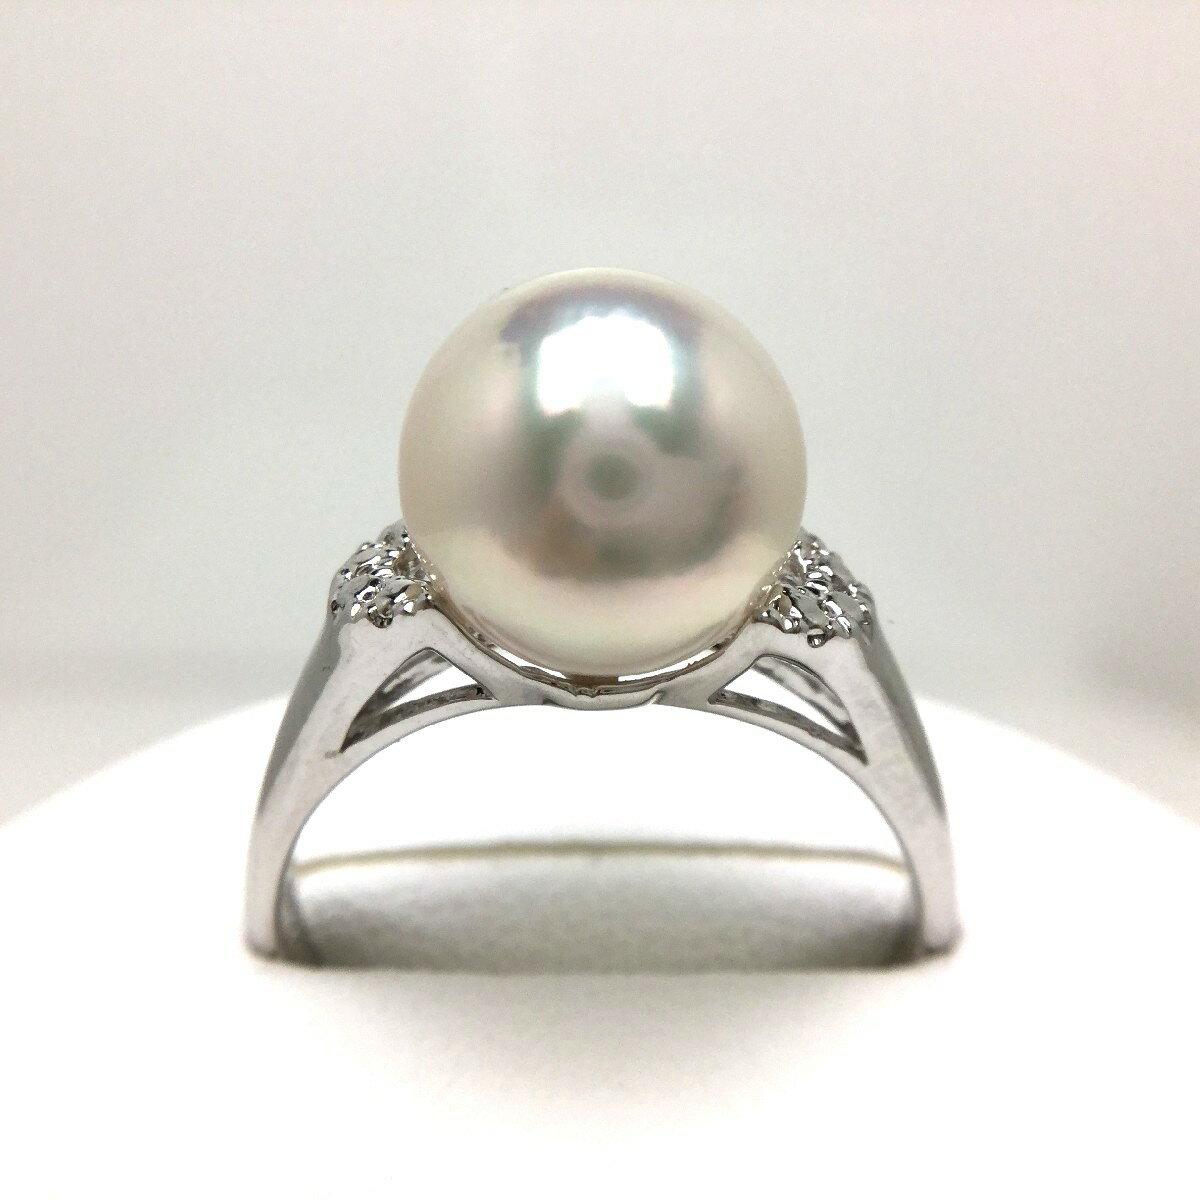 真珠 リング パール 母の日 アコヤ真珠 9.0-9.5mm ホワイトピンク シルバー 46323 イソワパール